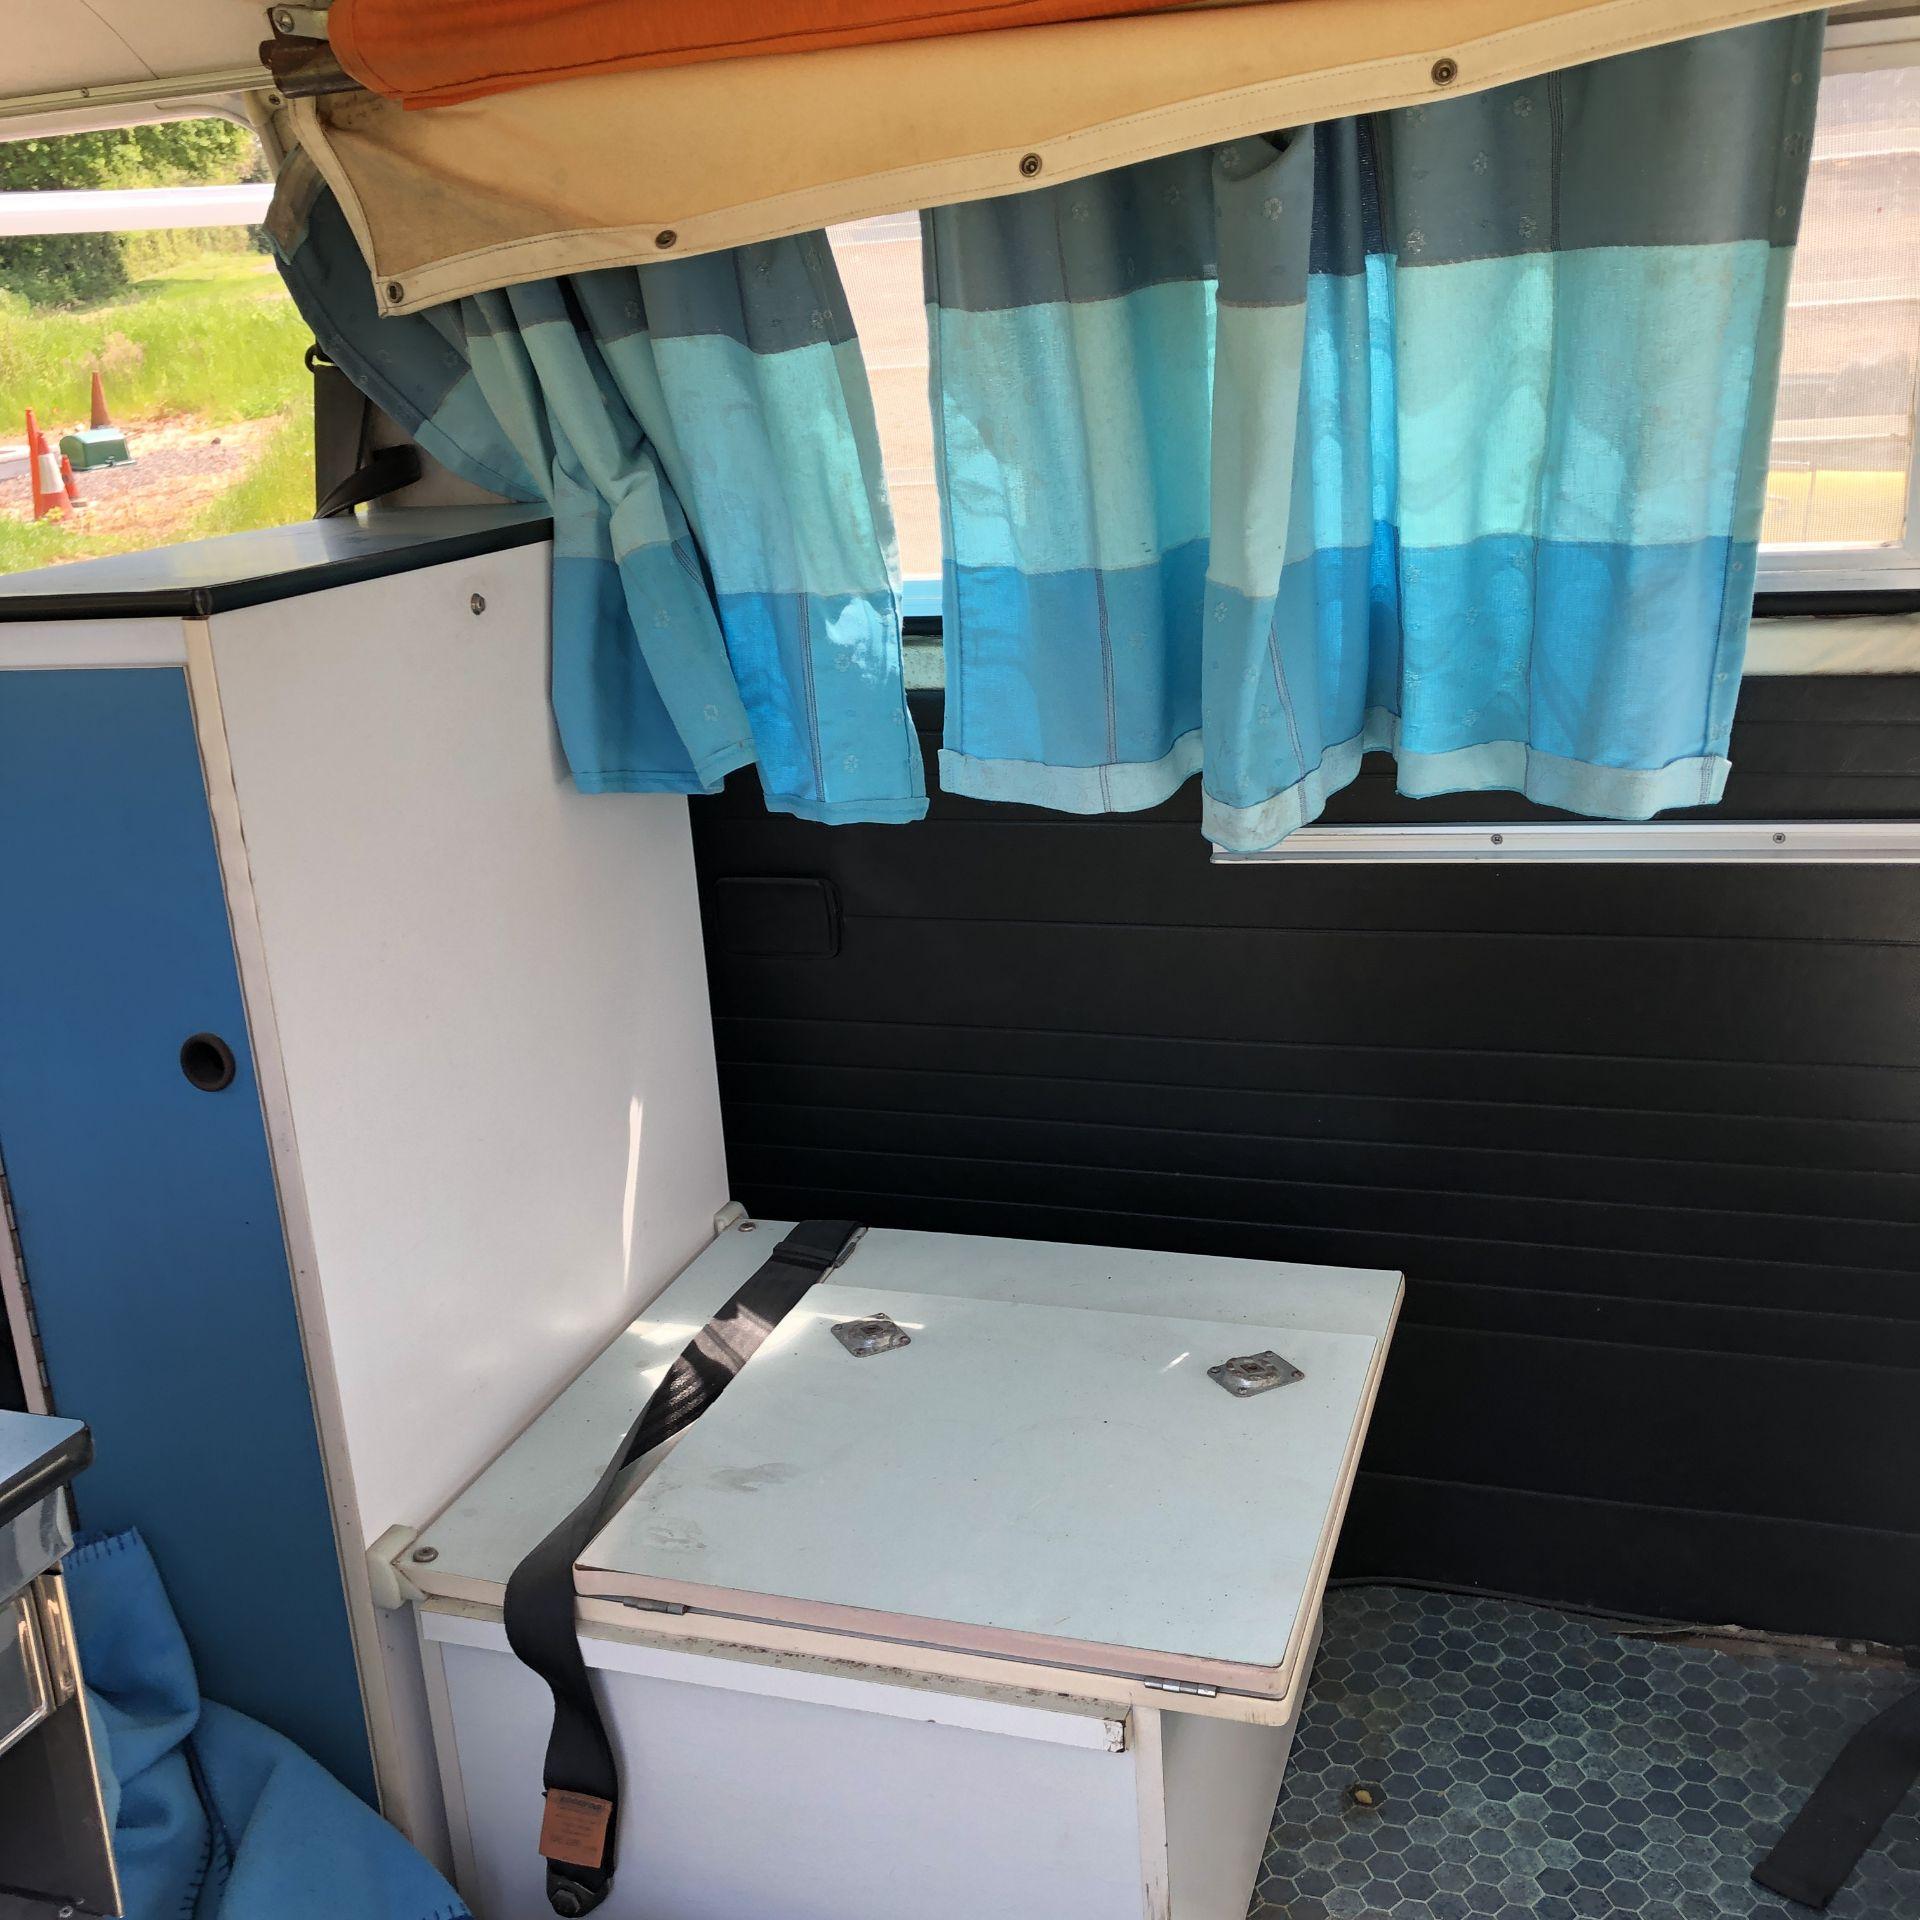 VW Microbus 8 Seater Caravanette Devon - 'Mr Blue' Petrol, Registration UMH 420S, First Registered - Image 26 of 47